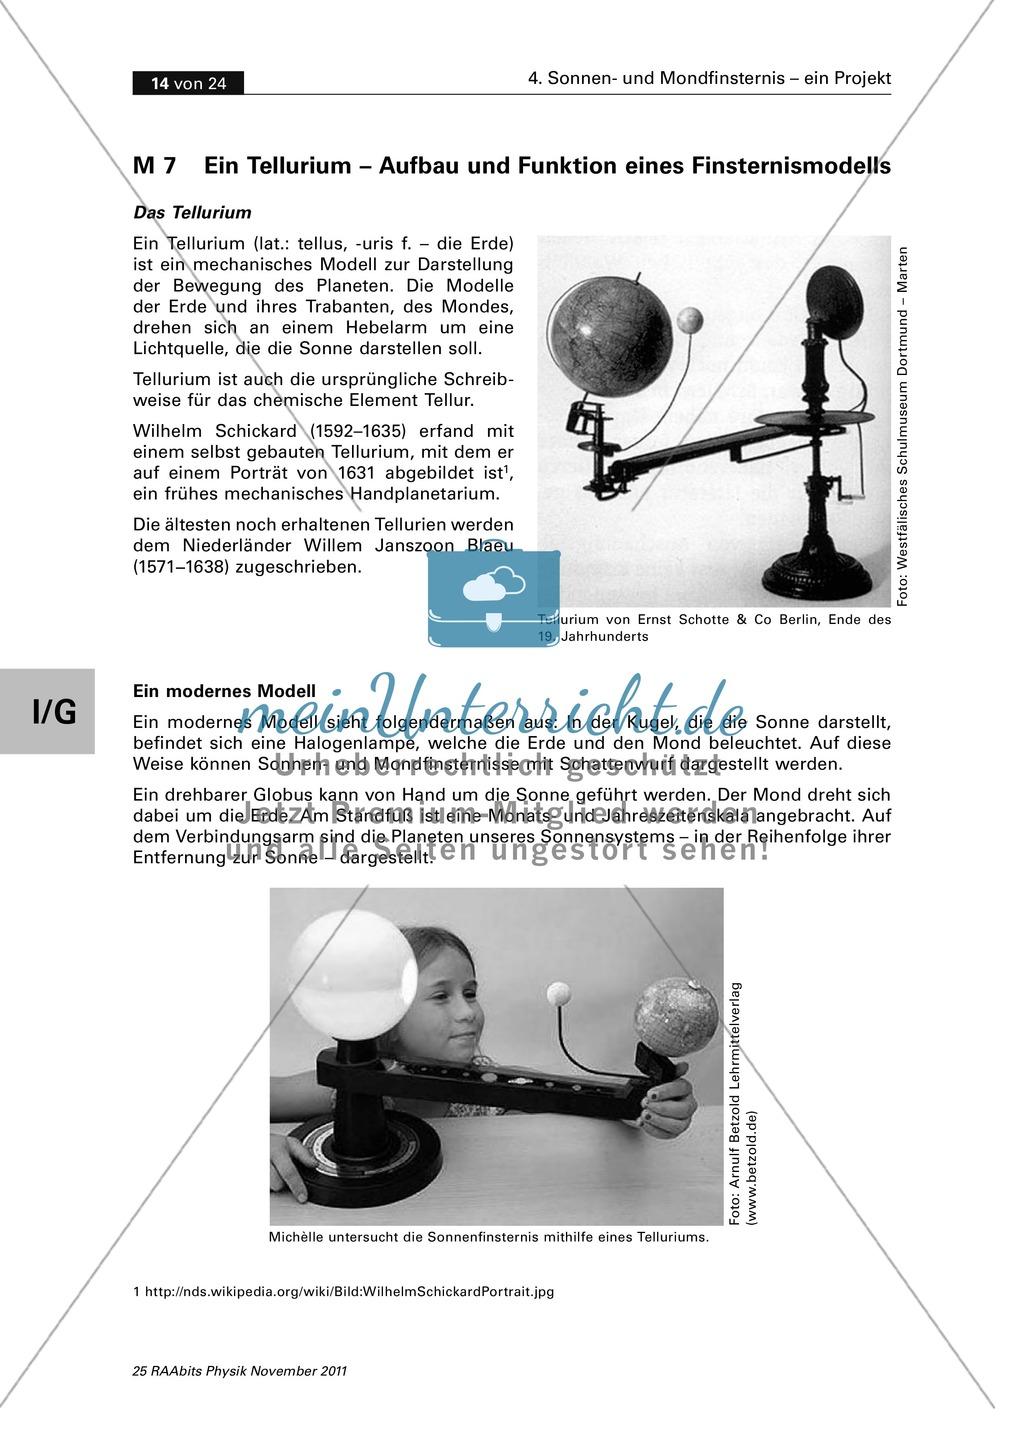 Sonnen- und Mondfinsternis: Ein Tellurium ? Aufbau + Funktion eines Finsternismodells Preview 1